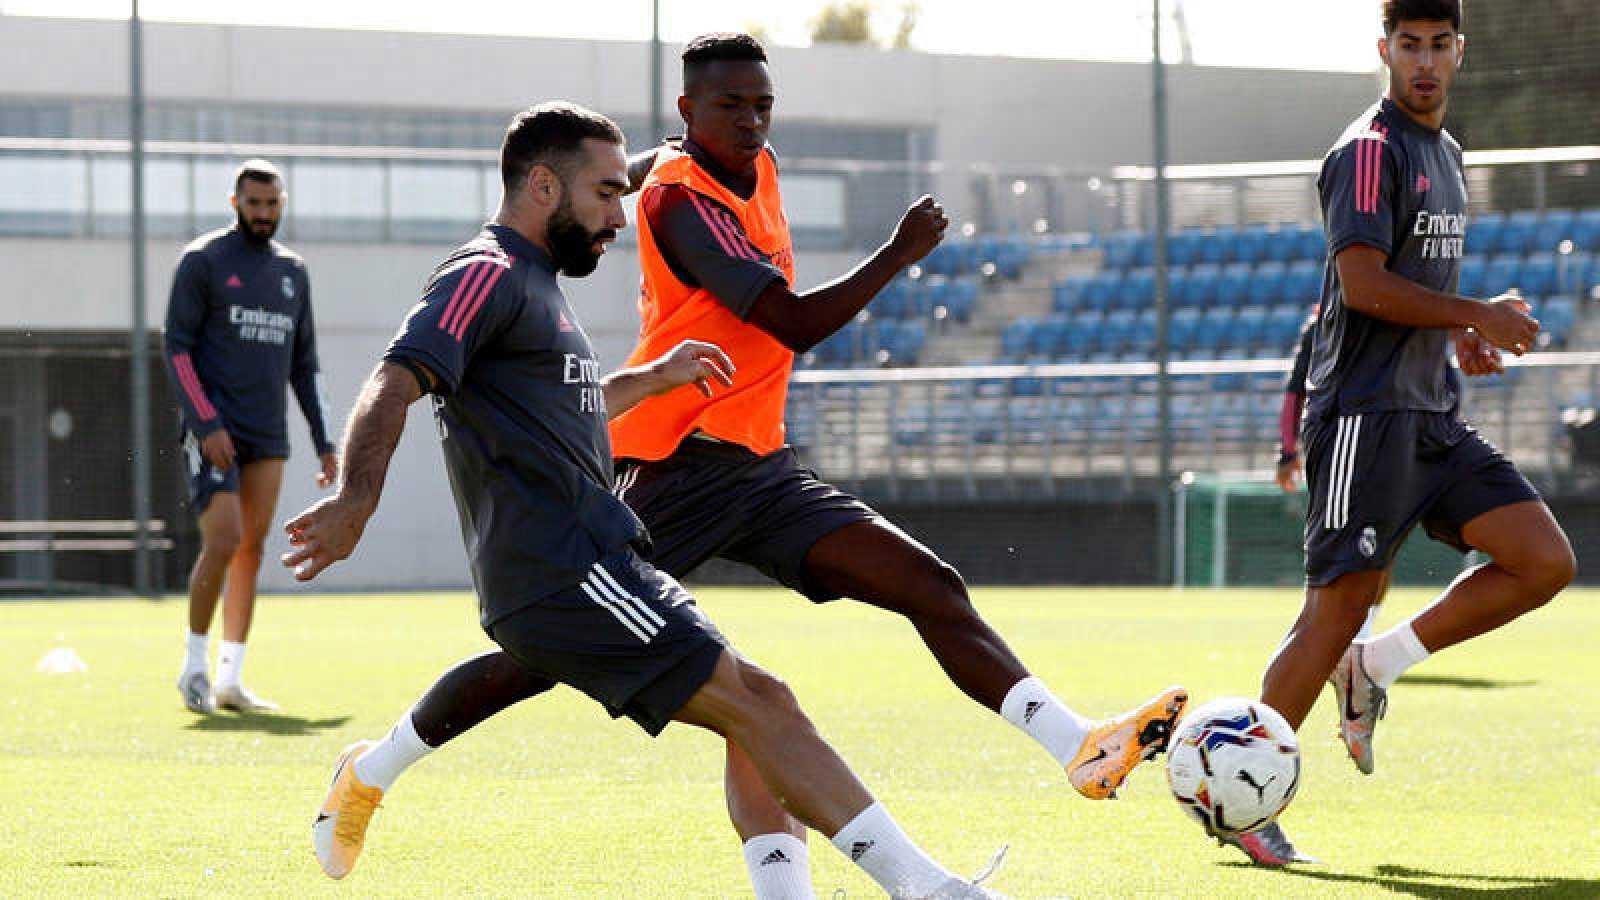 El lateral derecho del Real Madrid Dani Carvajal durante un entrenamiento del equipo en Valdebebas.